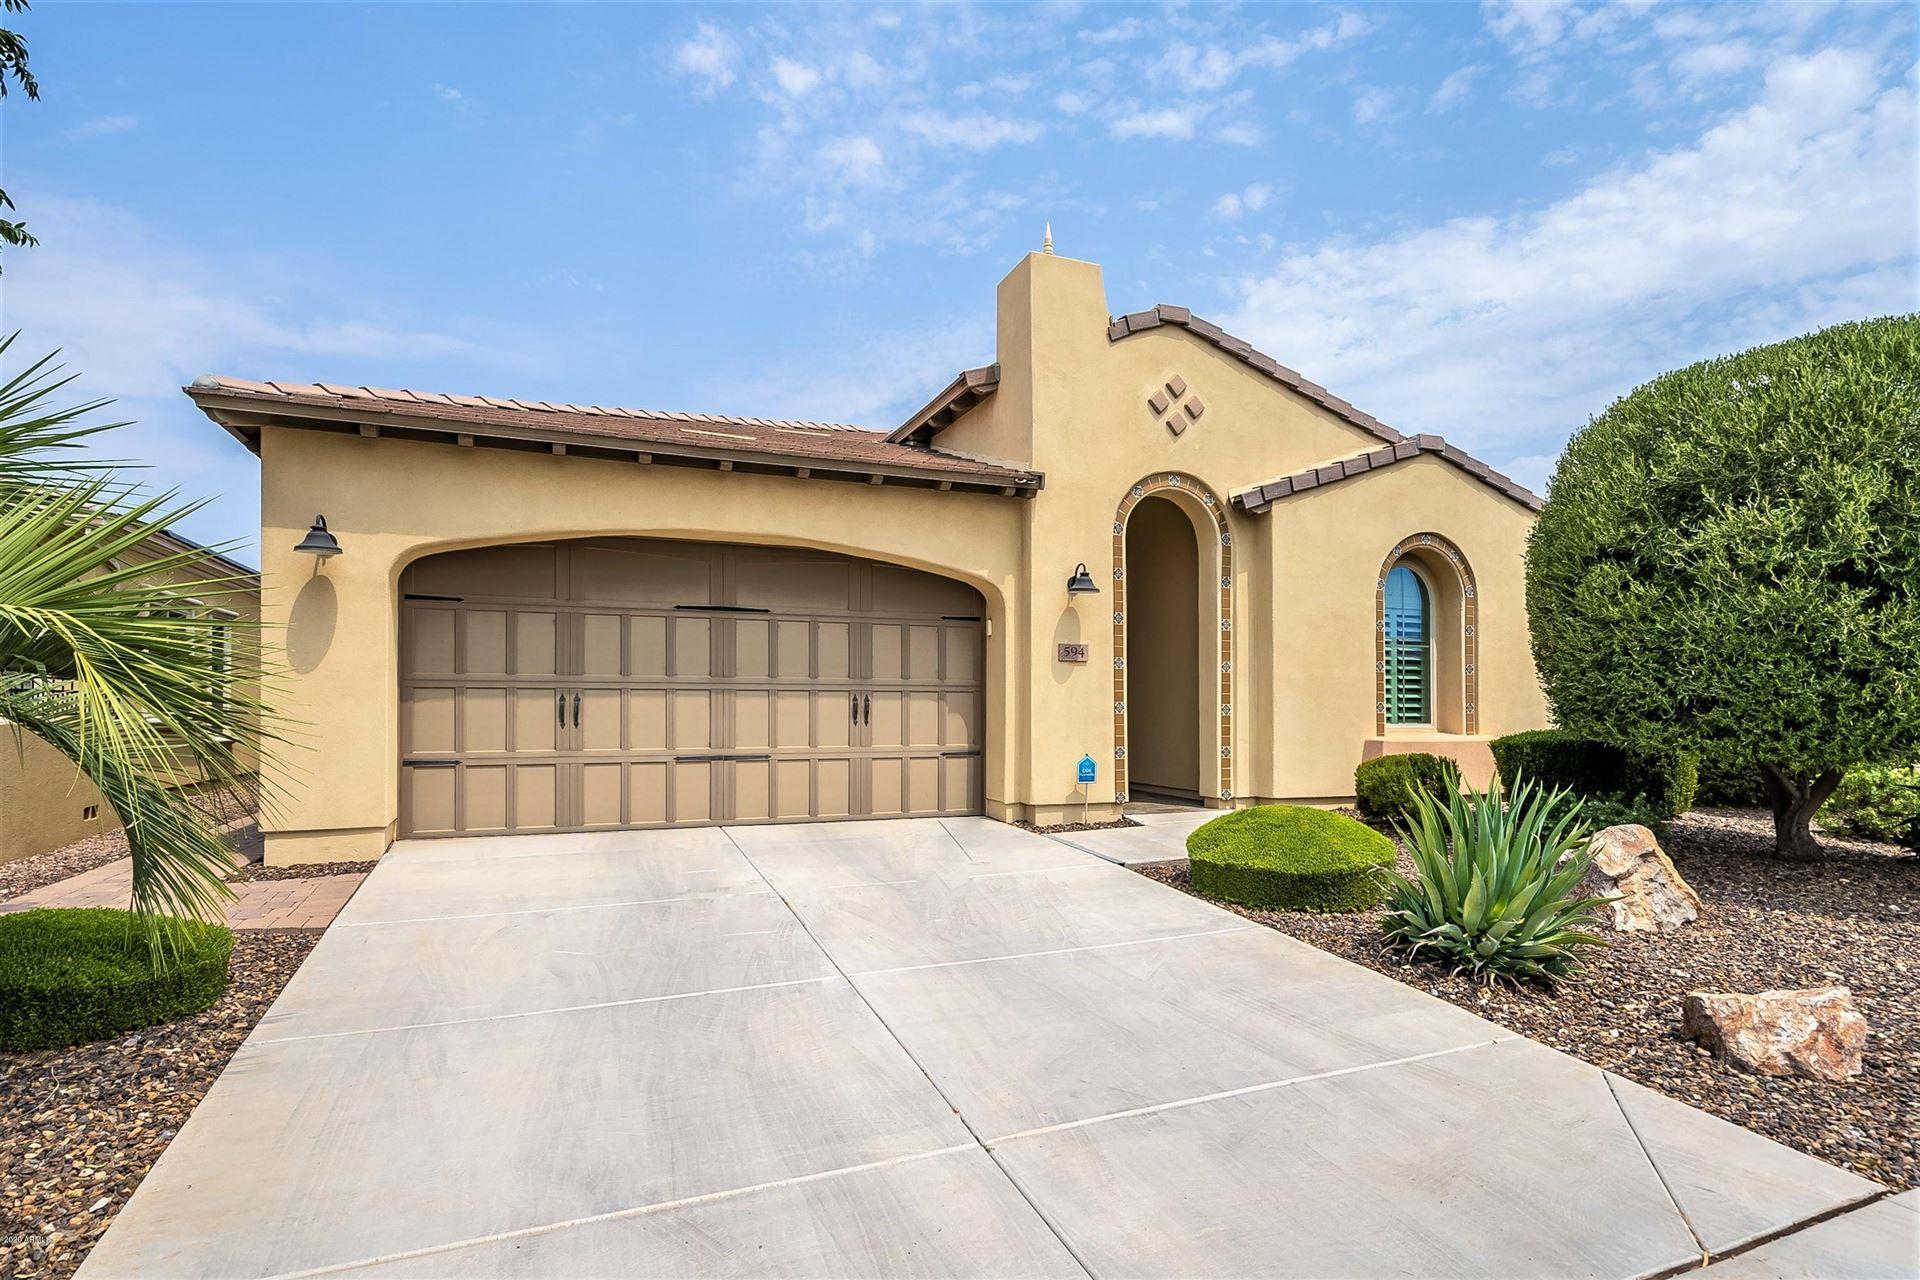 594 E VESPER Trail, San Tan Valley, AZ 85140 - #: 6123381